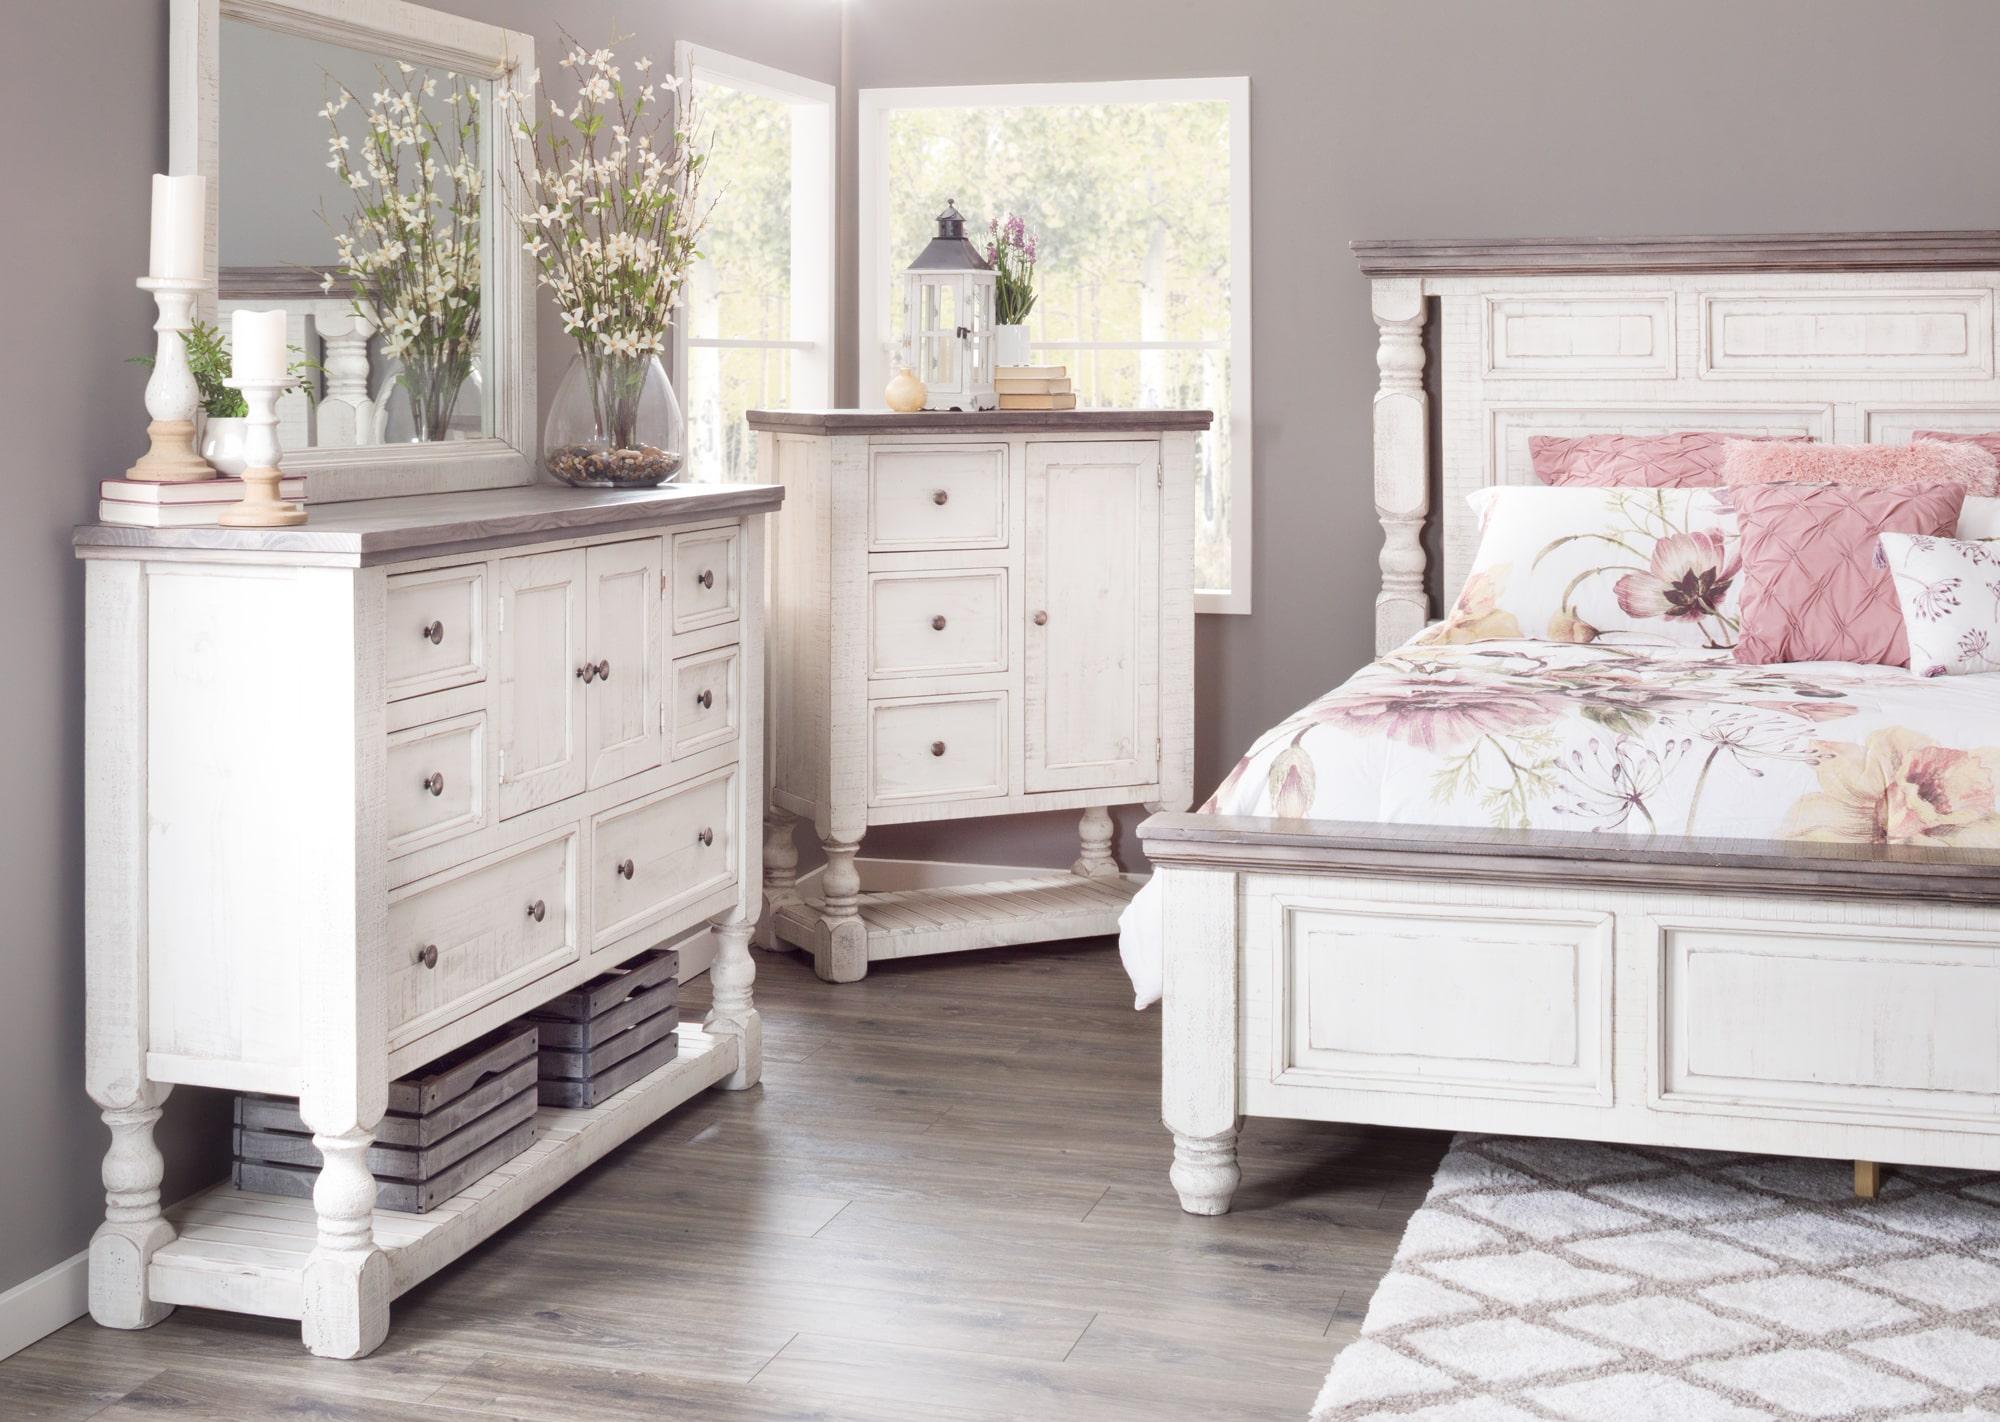 Creating a Cozy Vintage Bedroom | AFW.com